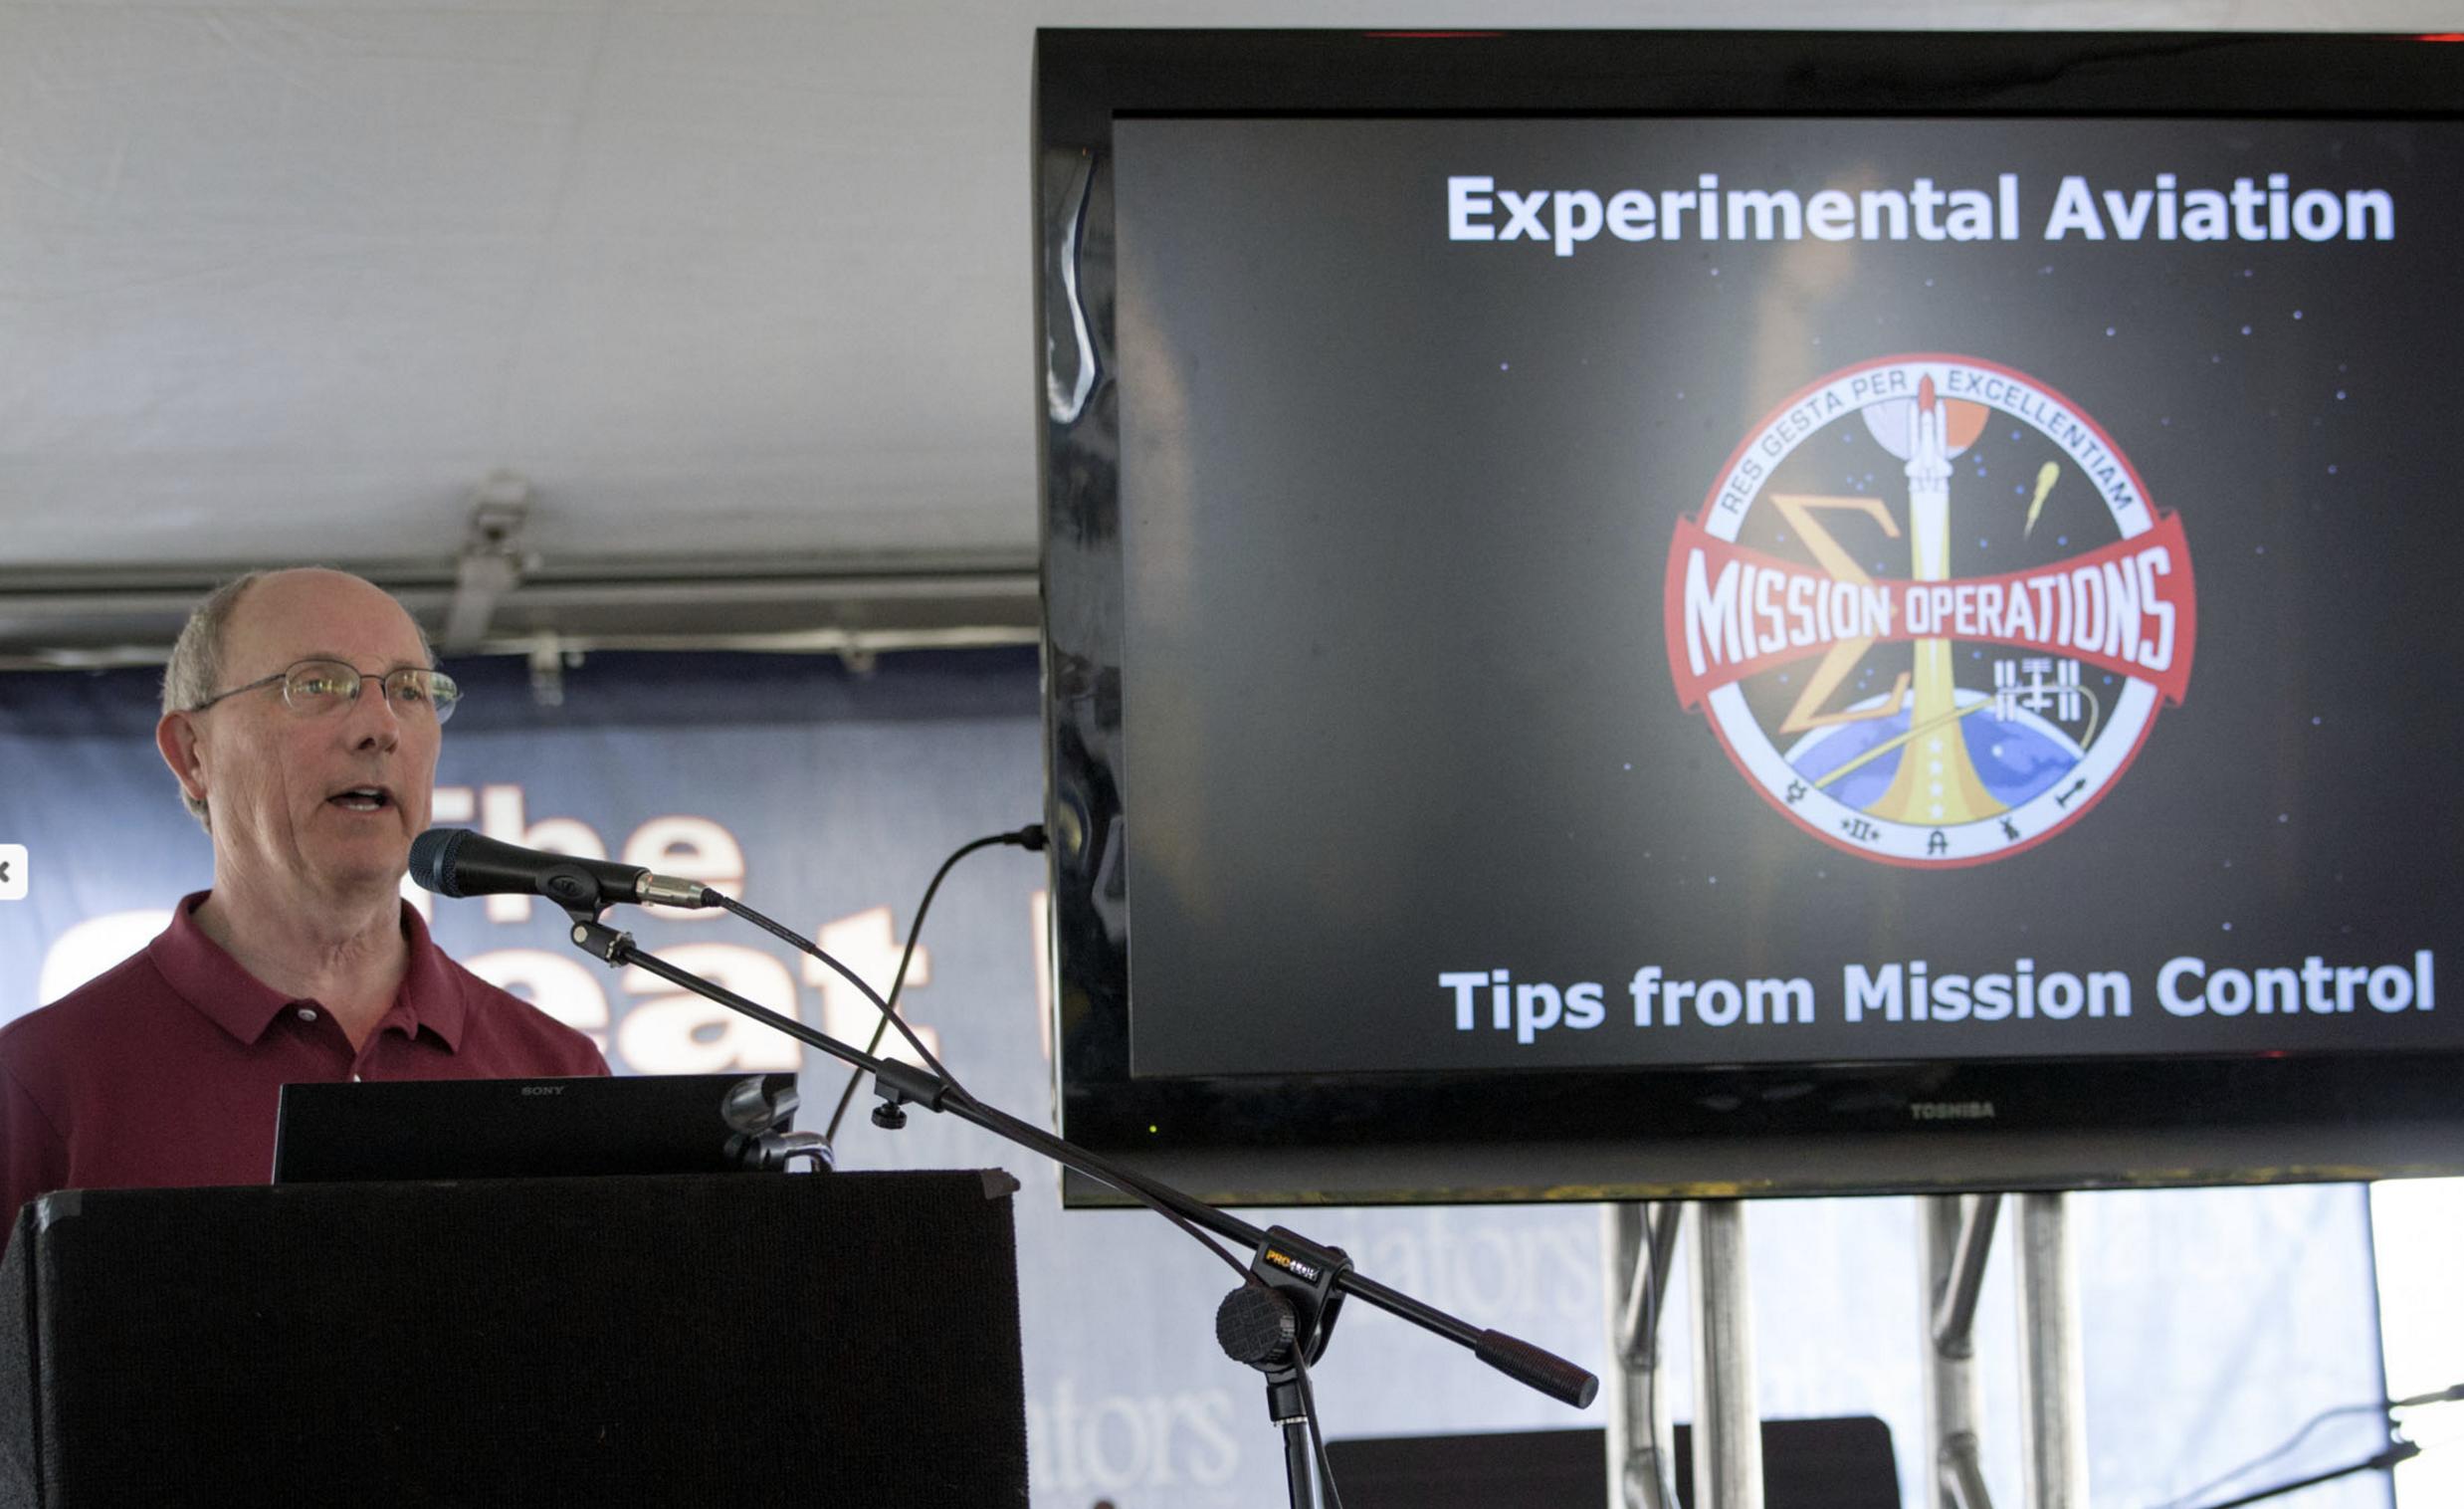 Paul Dye giving a presentation at the 2016 Sebring EXPO. Sebring 2016. Photo credit: Sebring Aviation Expo.